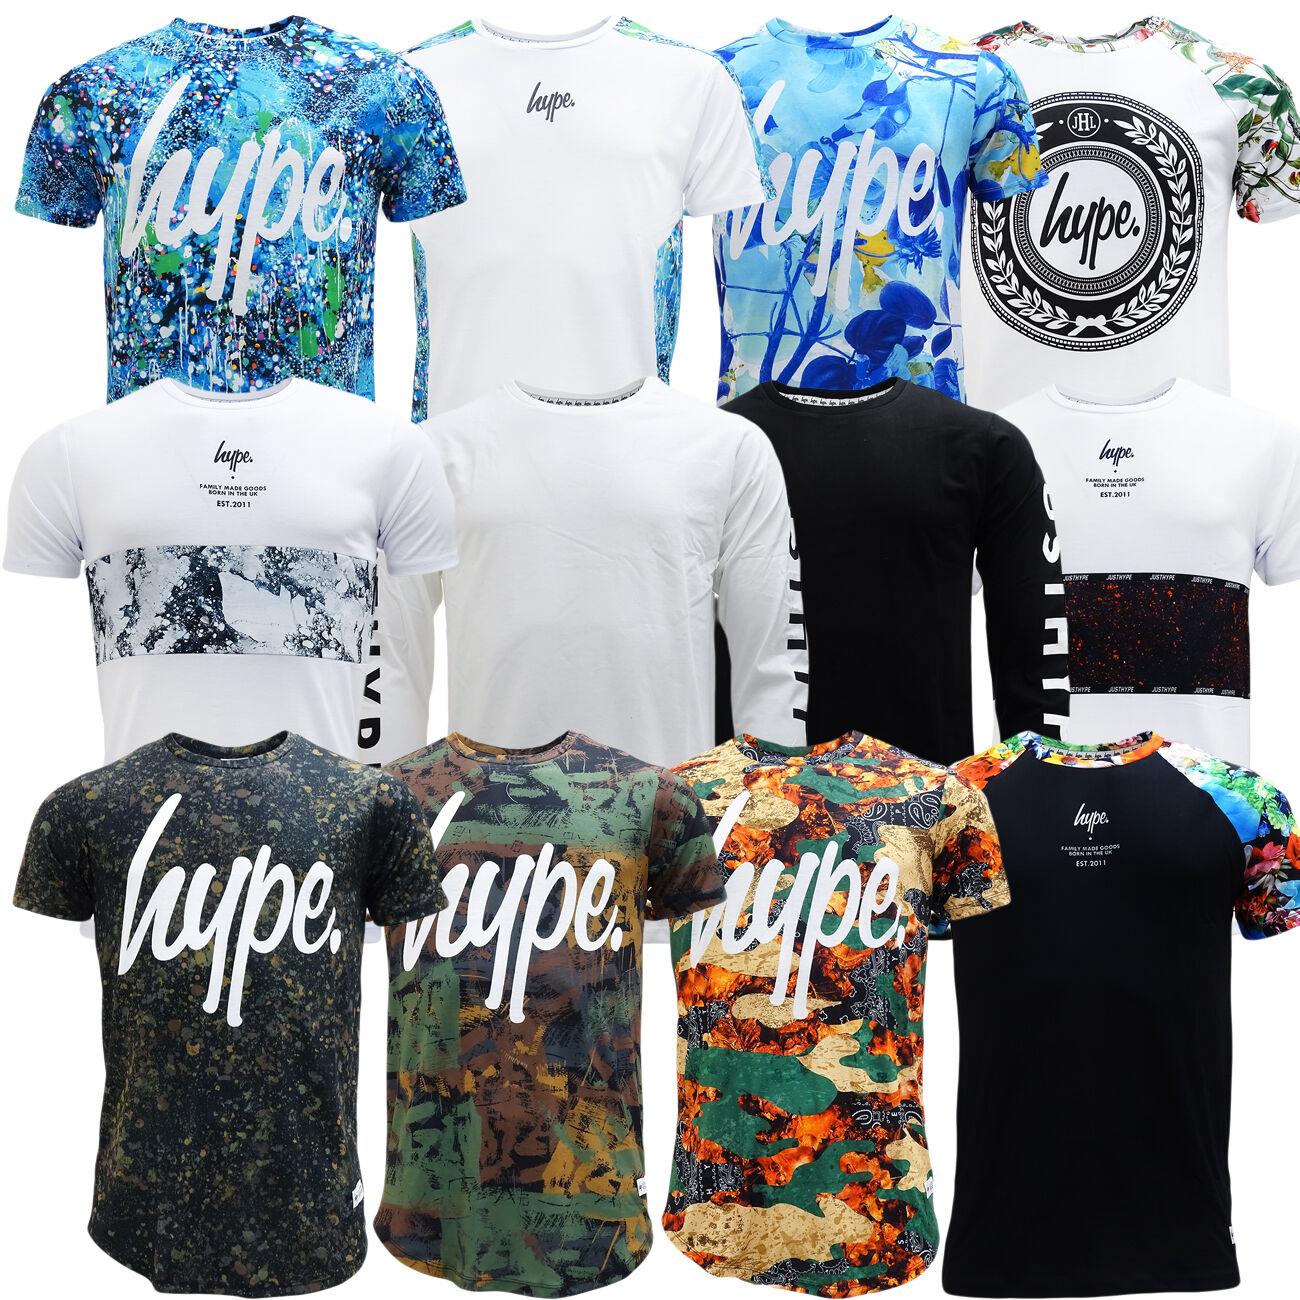 HYPE T SHIRT SHIRT SHIRT - Boys   Mens Just Hype T-Shirts - NEW XXS XS S M L XL XXL   Zuverlässige Leistung    Zarte  5208df